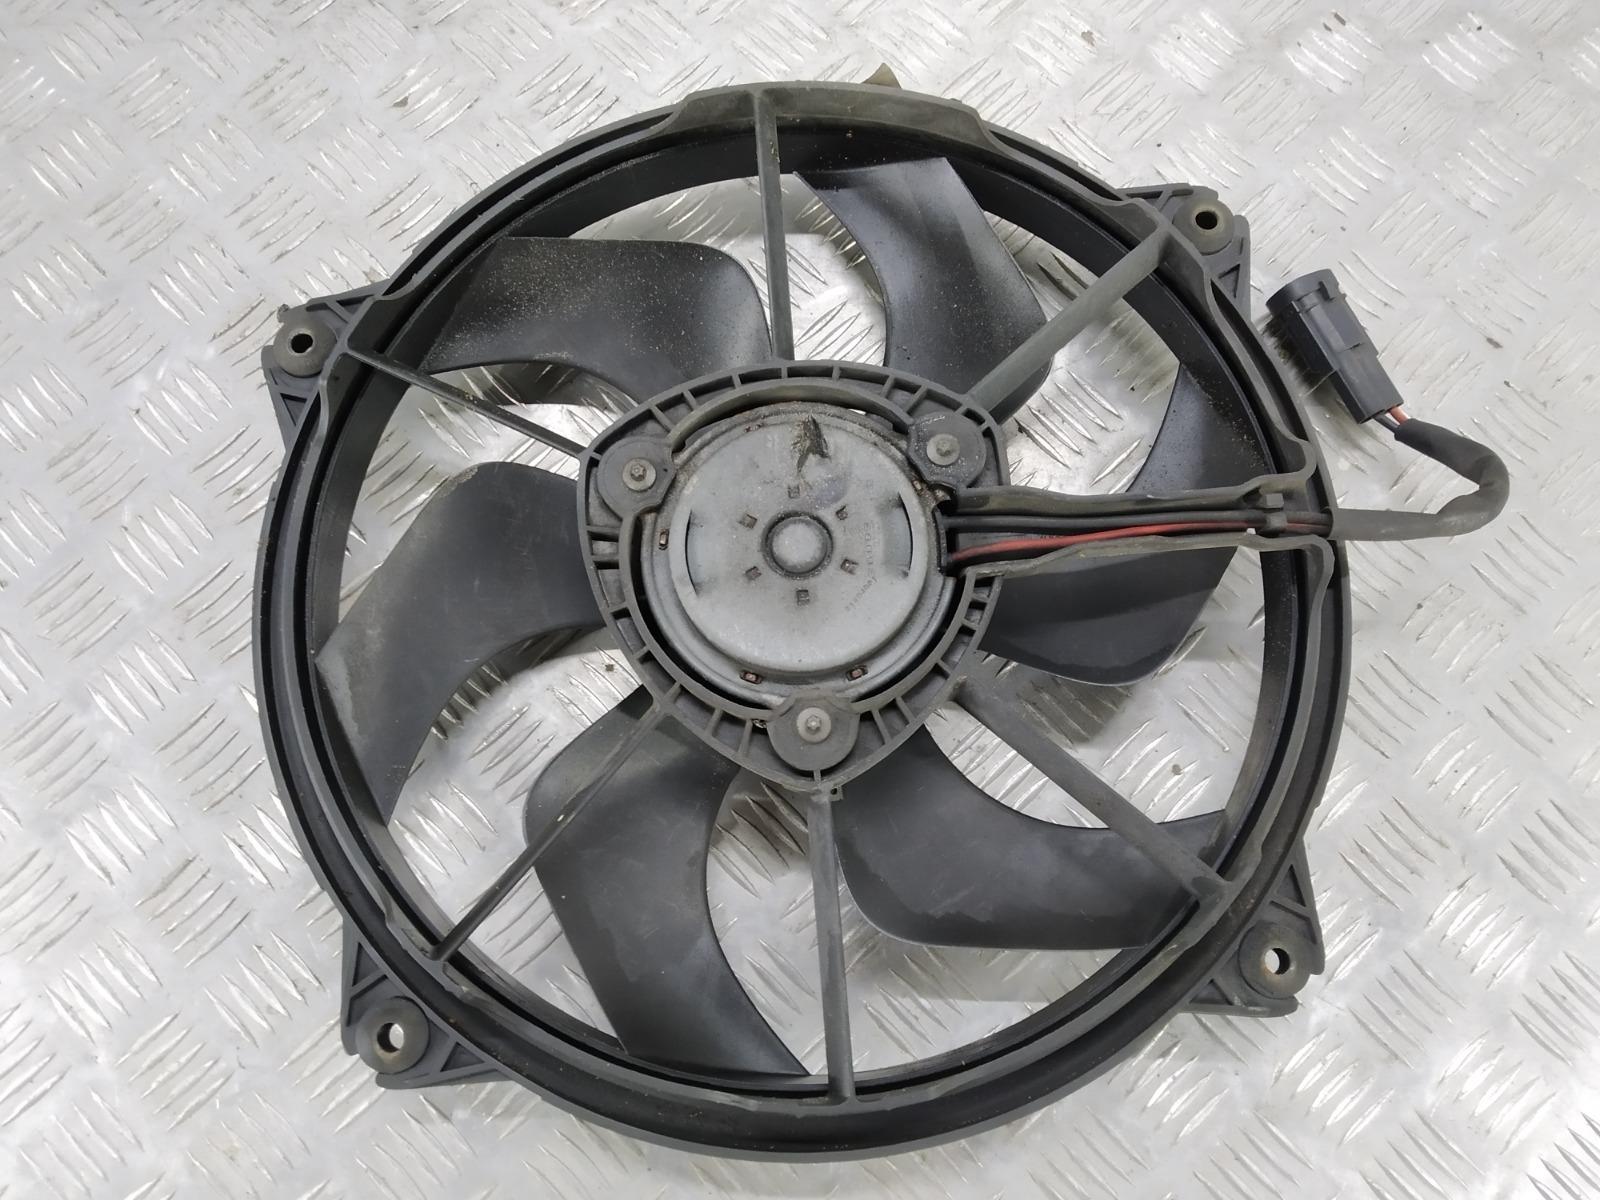 Вентилятор радиатора Citroen C4 Grand Picasso 2.0 HDI 2007 (б/у)